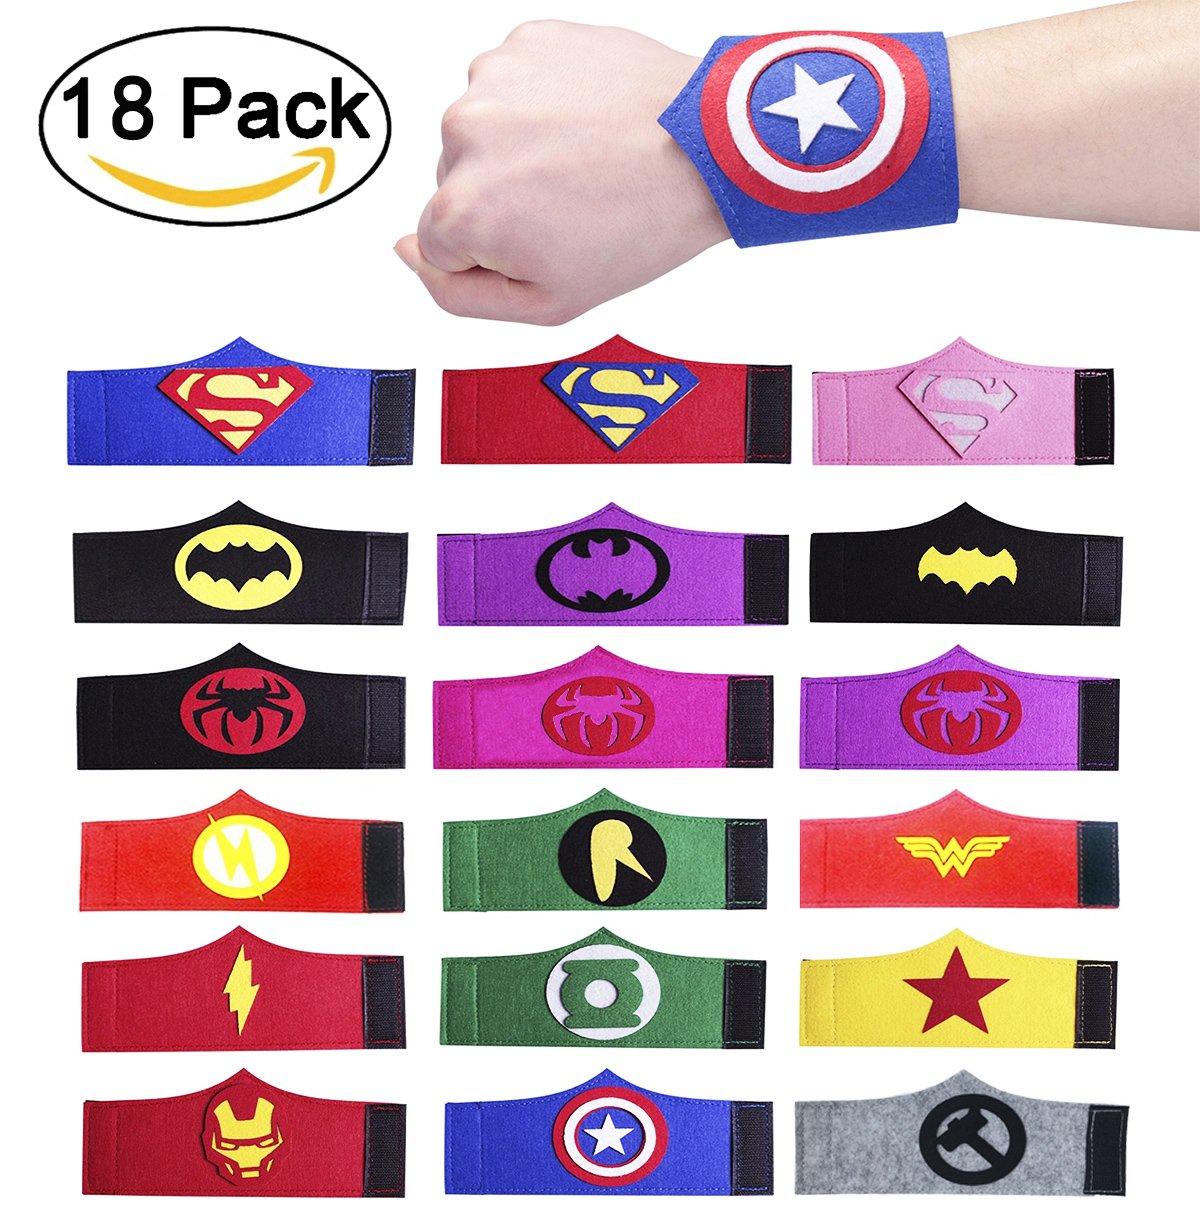 Dlazm 18 Pieces Superhero Bracelets for Children Birthday Party Supplies